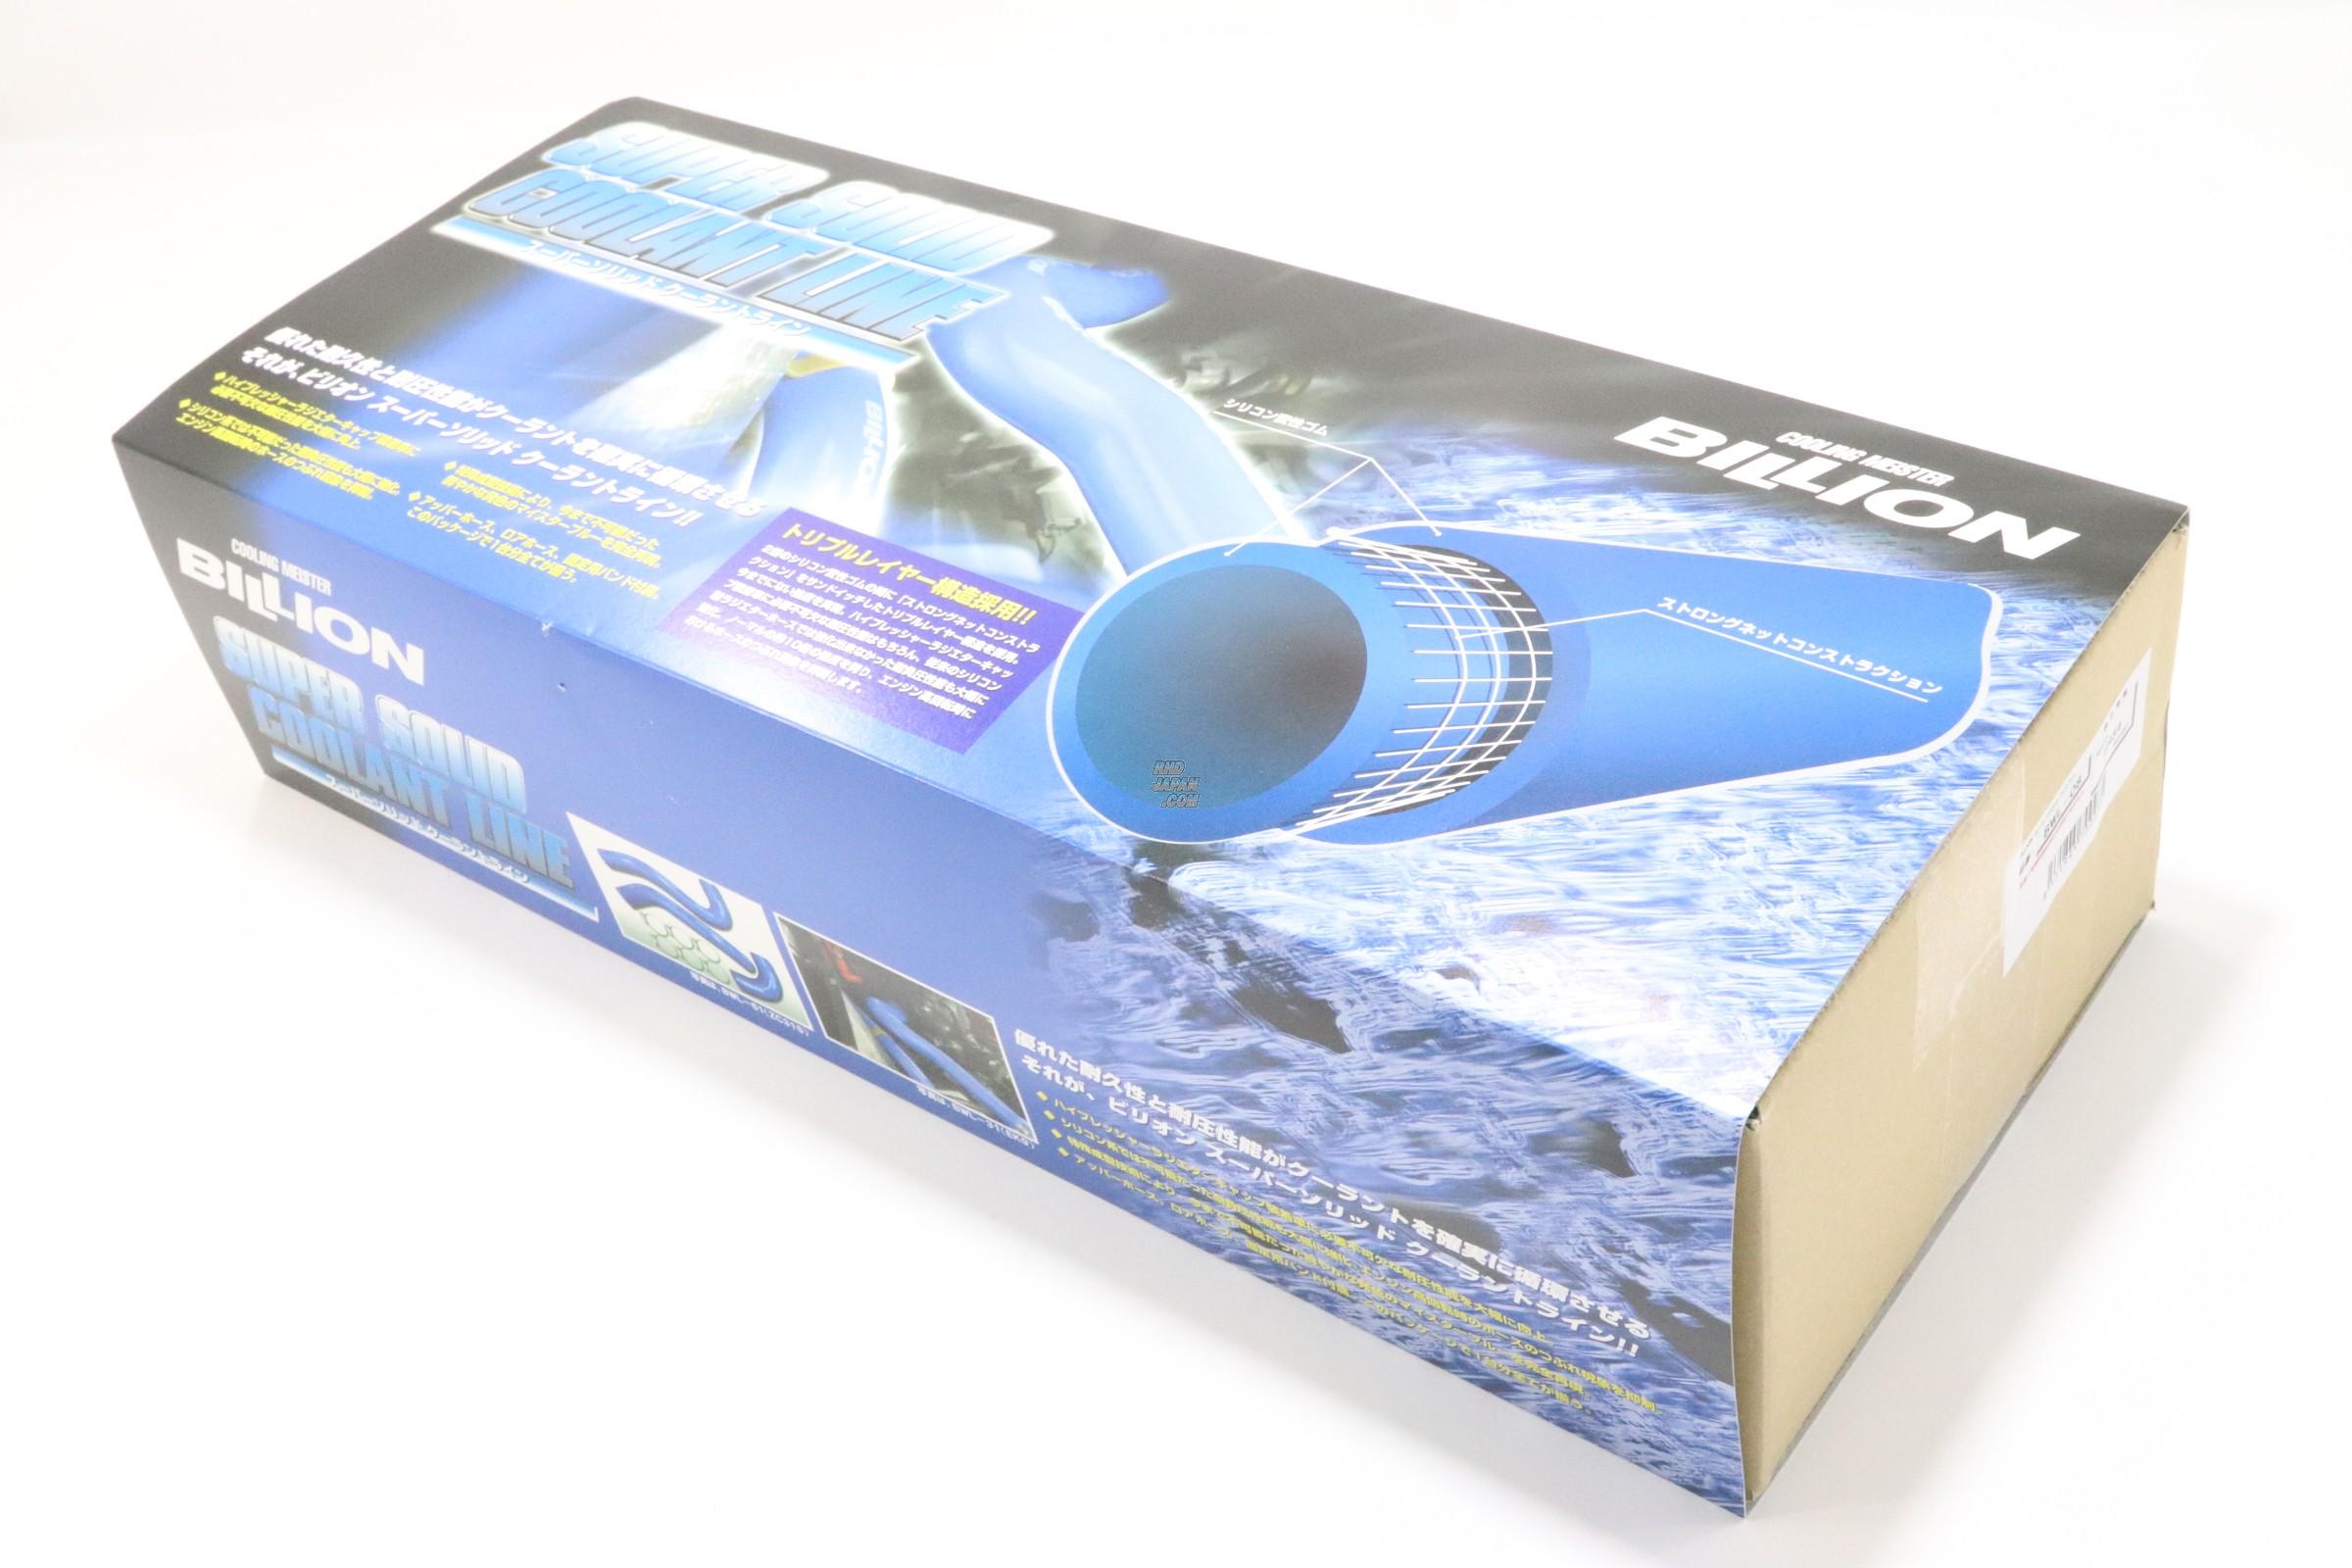 Billion Super Solid Coolant Line Set - BE5 BH5 Kouki